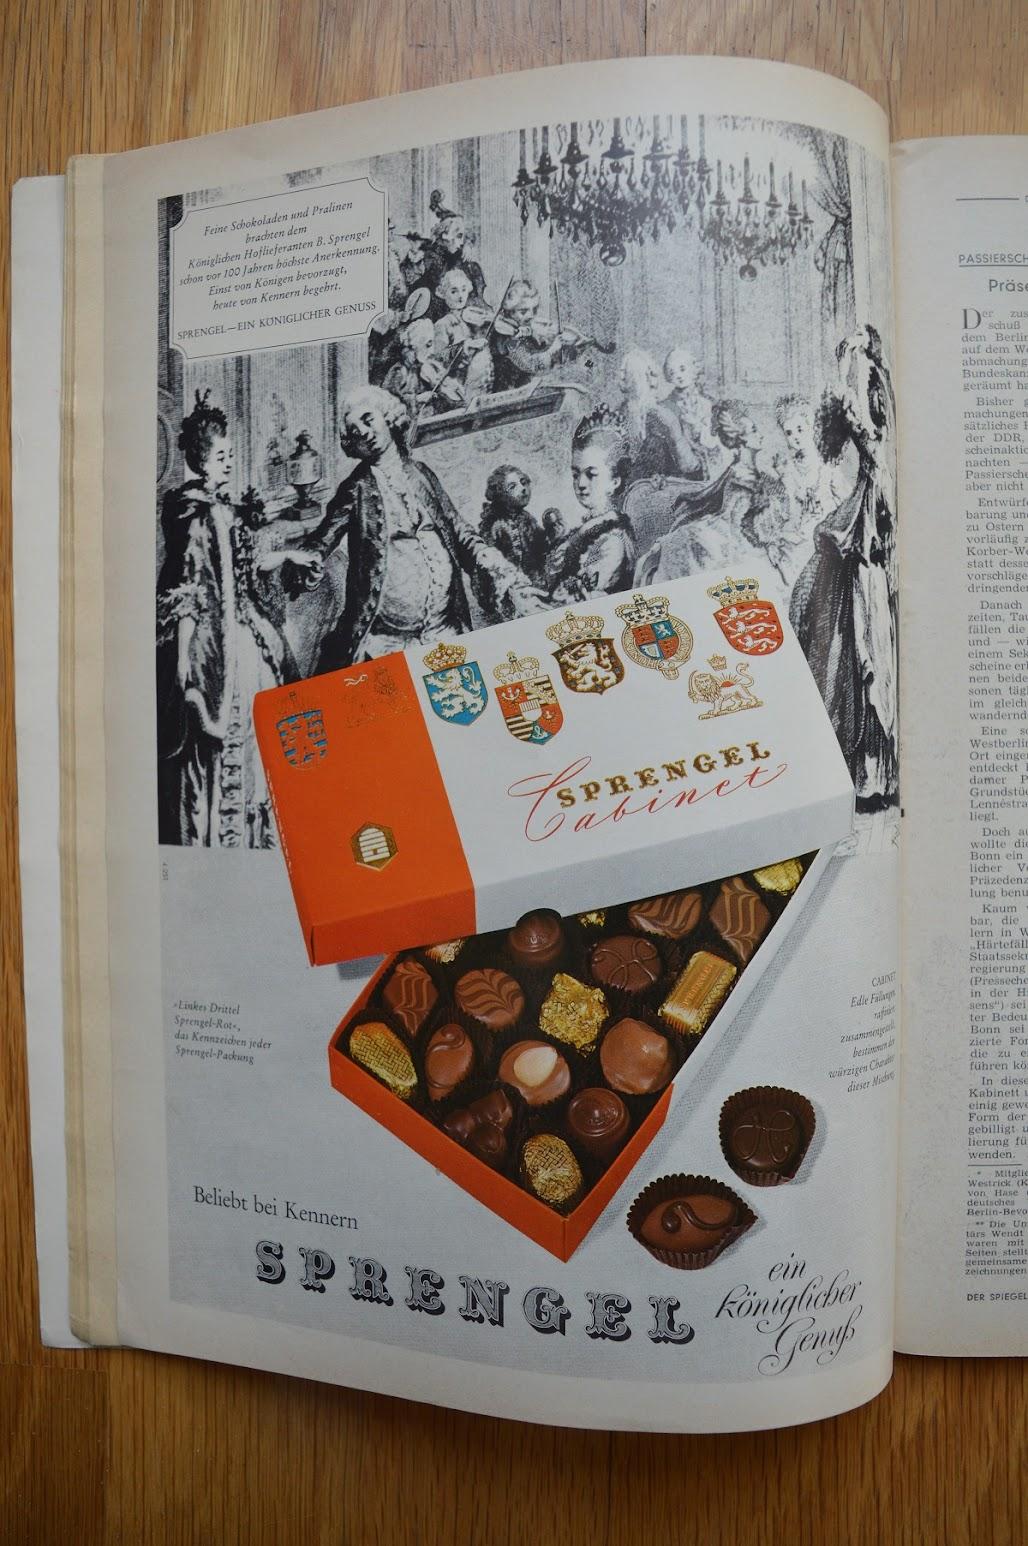 DER SPIEGEL, 29. April 1964 - Werbung für Pralinen